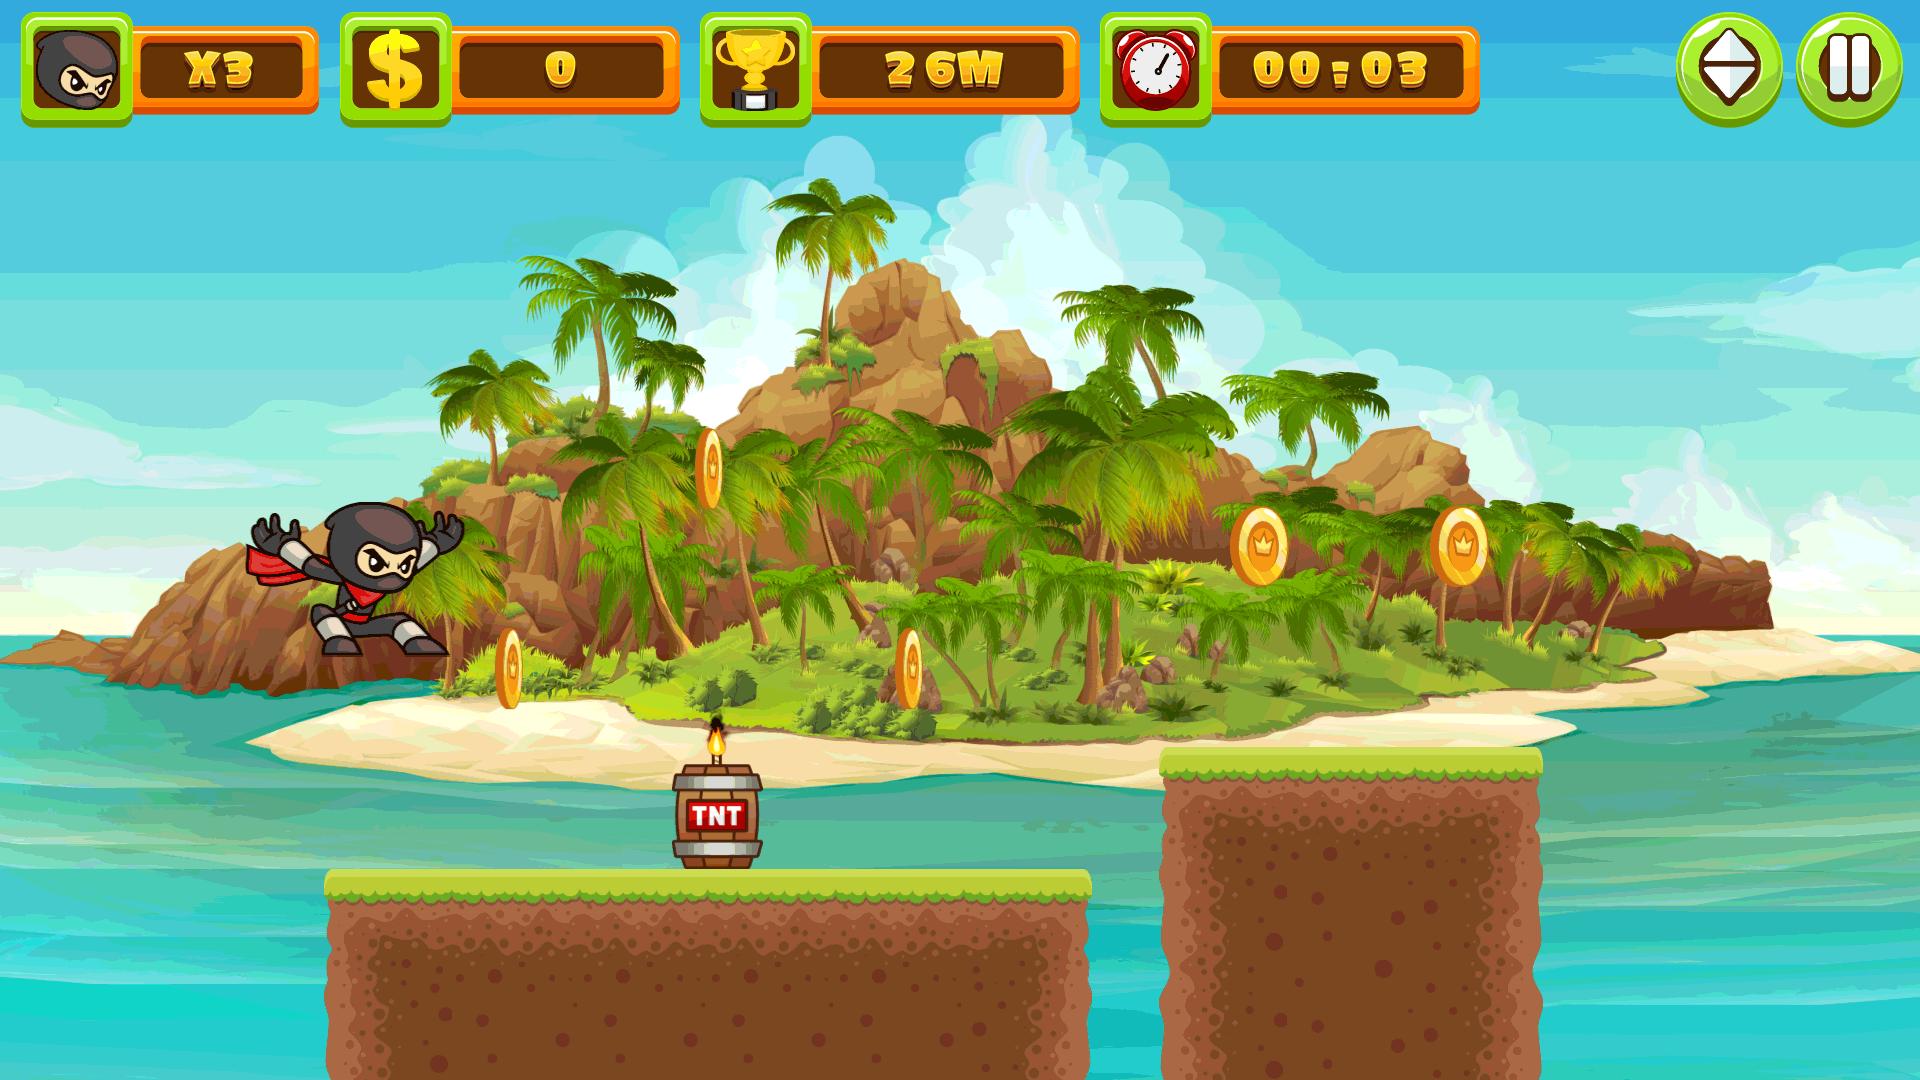 Image Ninja Run Game!